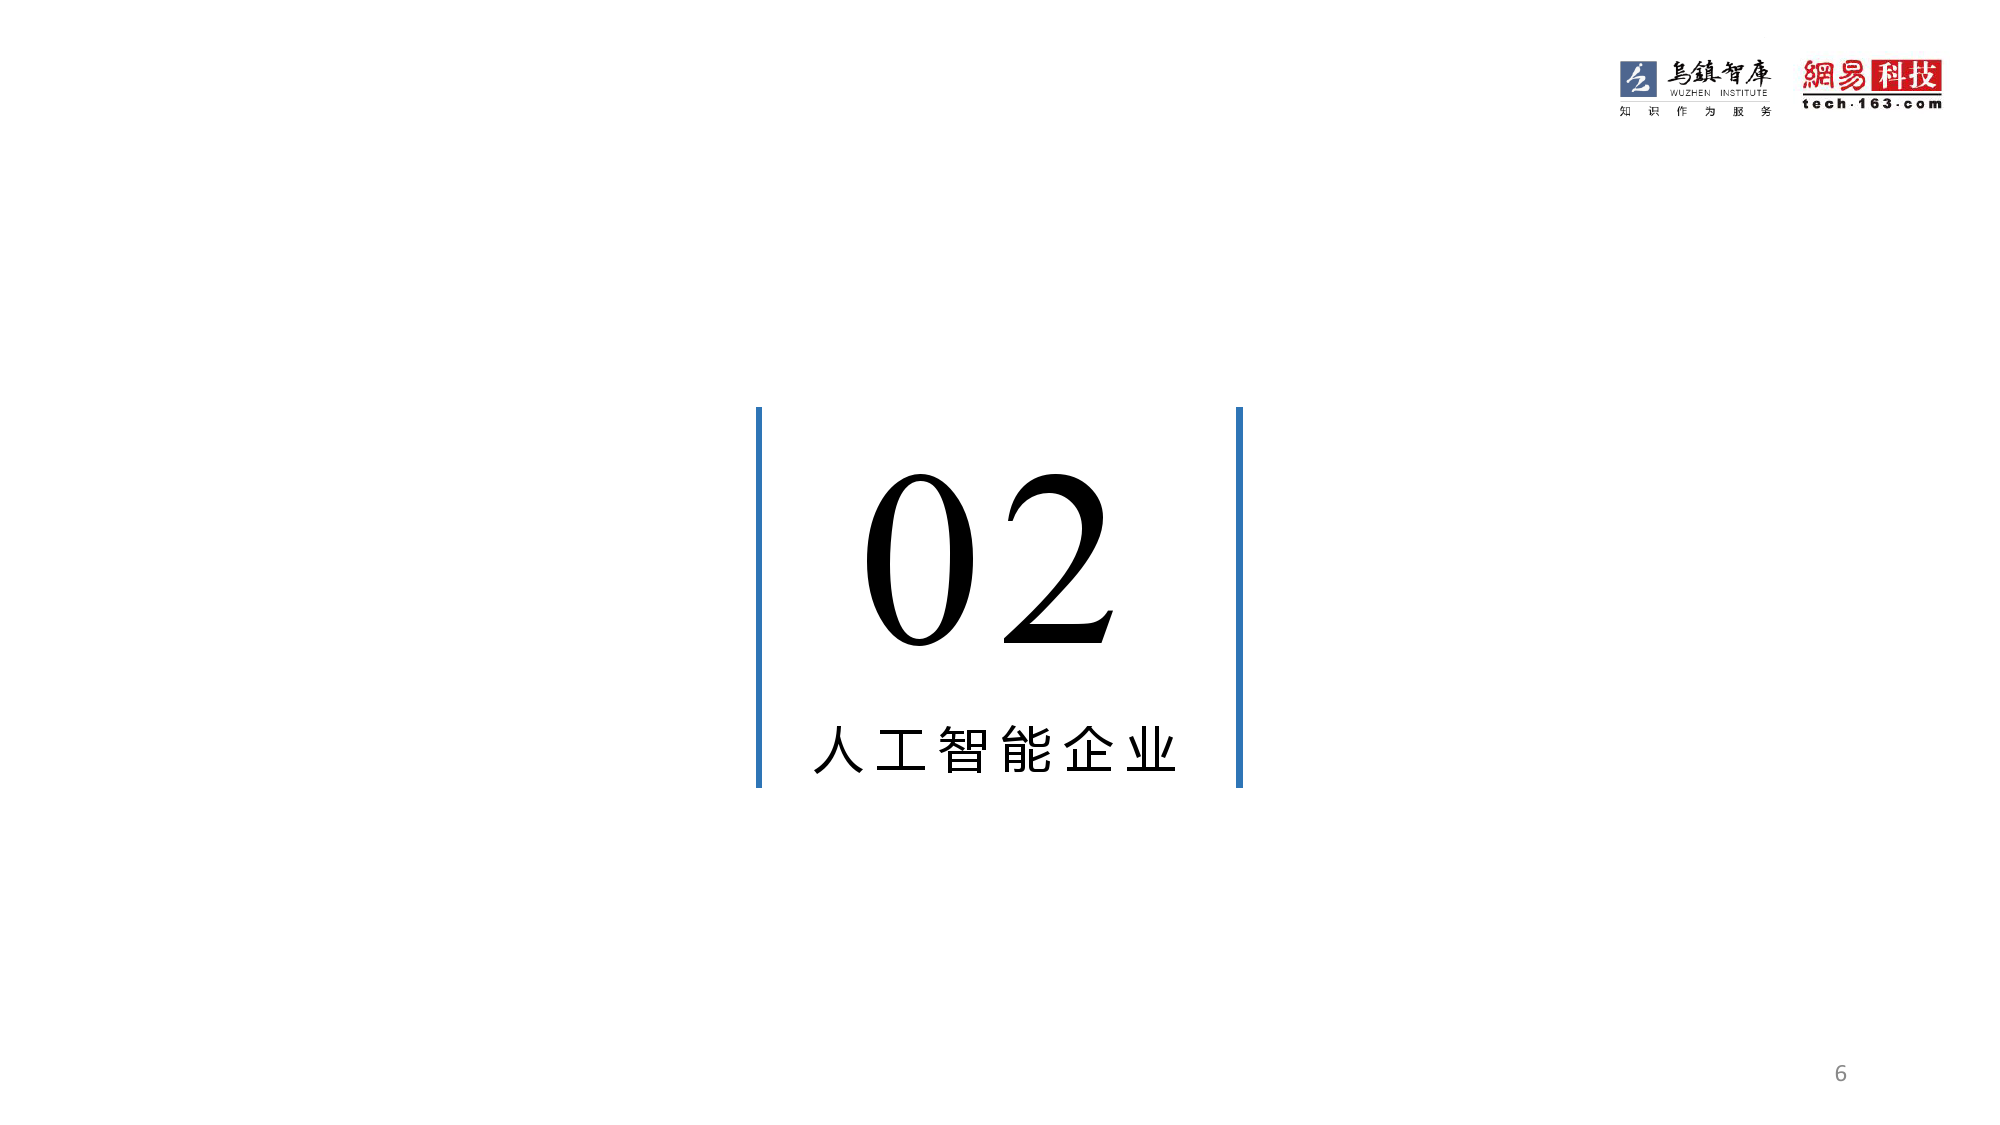 2016年全球人工智能发展报告_000006